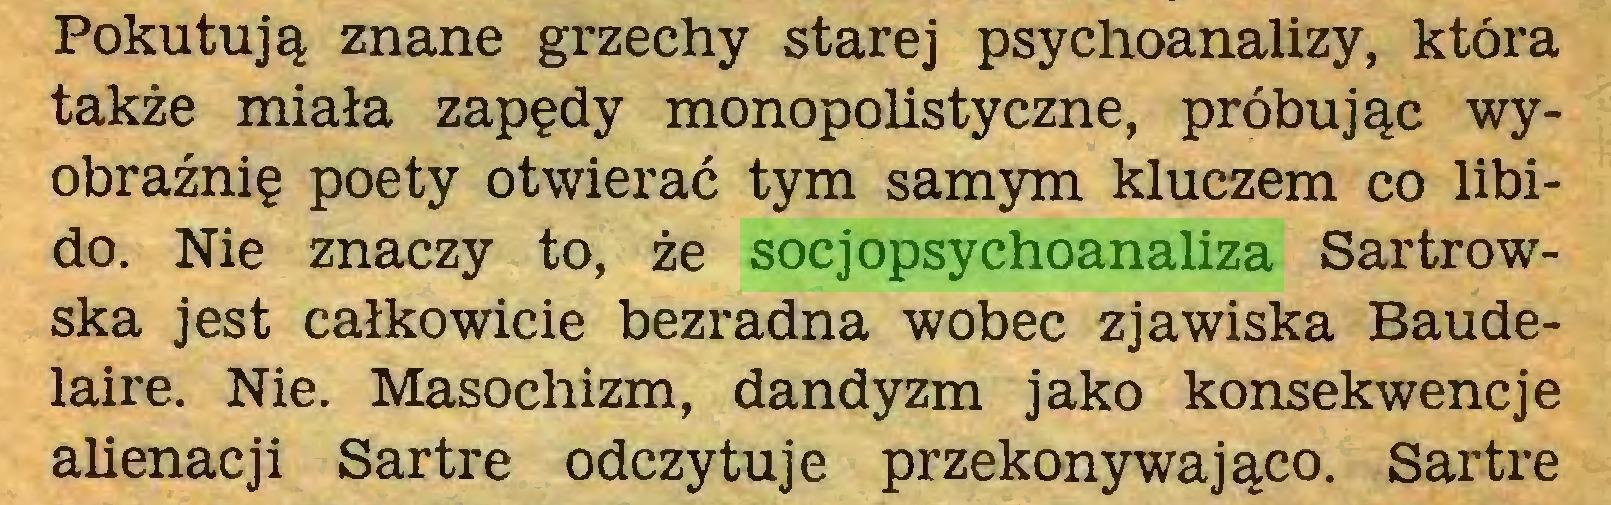 (...) Pokutują znane grzechy starej psychoanalizy, która także miała zapędy monopolistyczne, próbując wyobraźnię poety otwierać tym samym kluczem co libido. Nie znaczy to, że socjopsychoanaliza Sartrowska jest całkowicie bezradna wobec zjawiska Baudelaire. Nie. Masochizm, dandyzm jako konsekwencje alienacji Sartre odczytuje przekonywająco. Sartre...